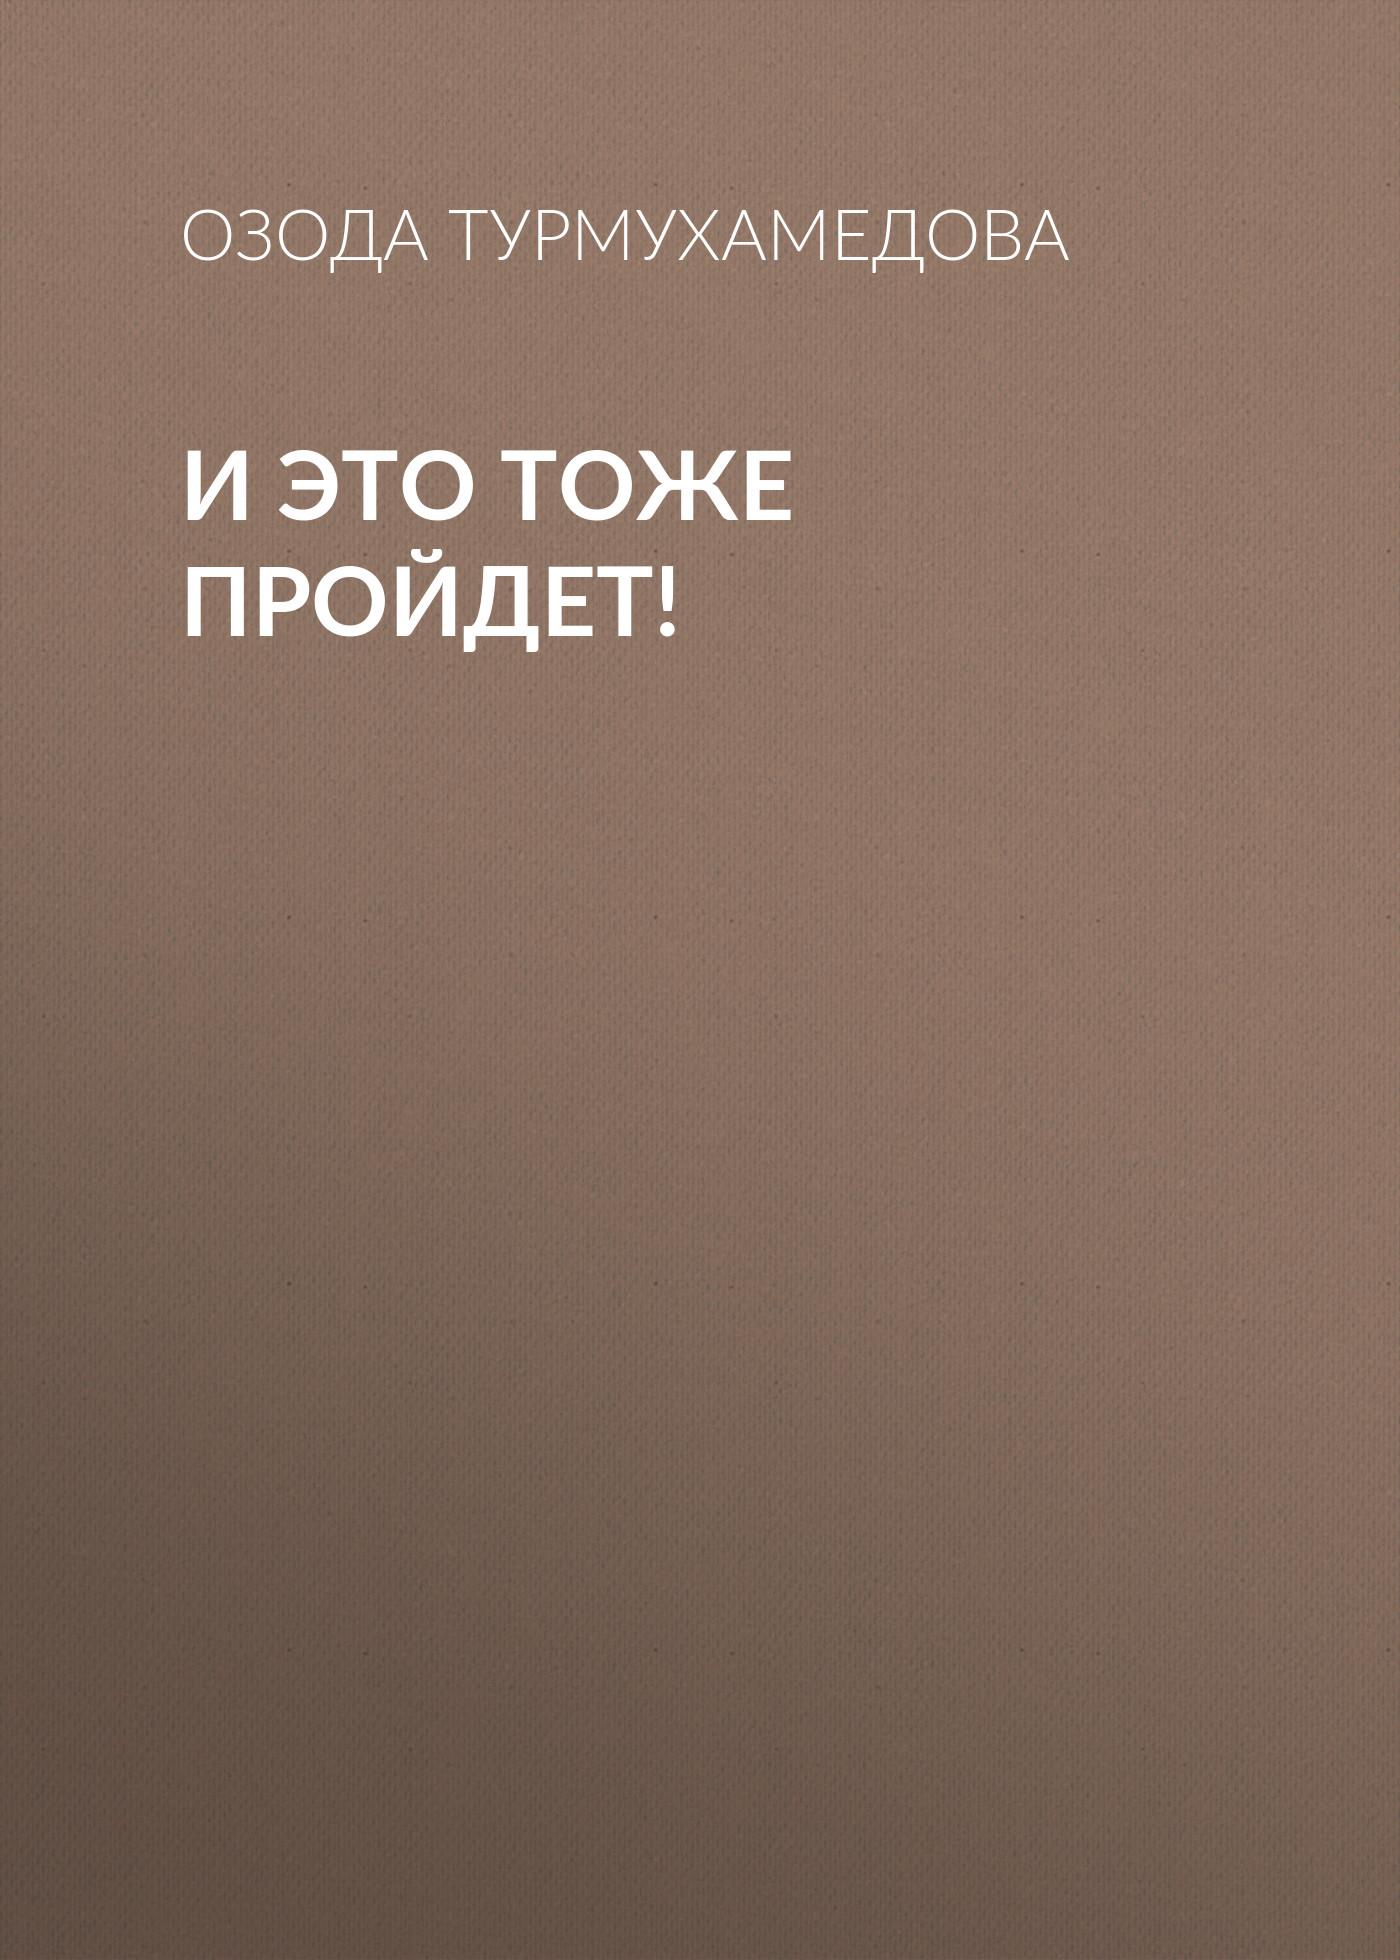 И это тоже пройдет!_Озода Турмухамедова